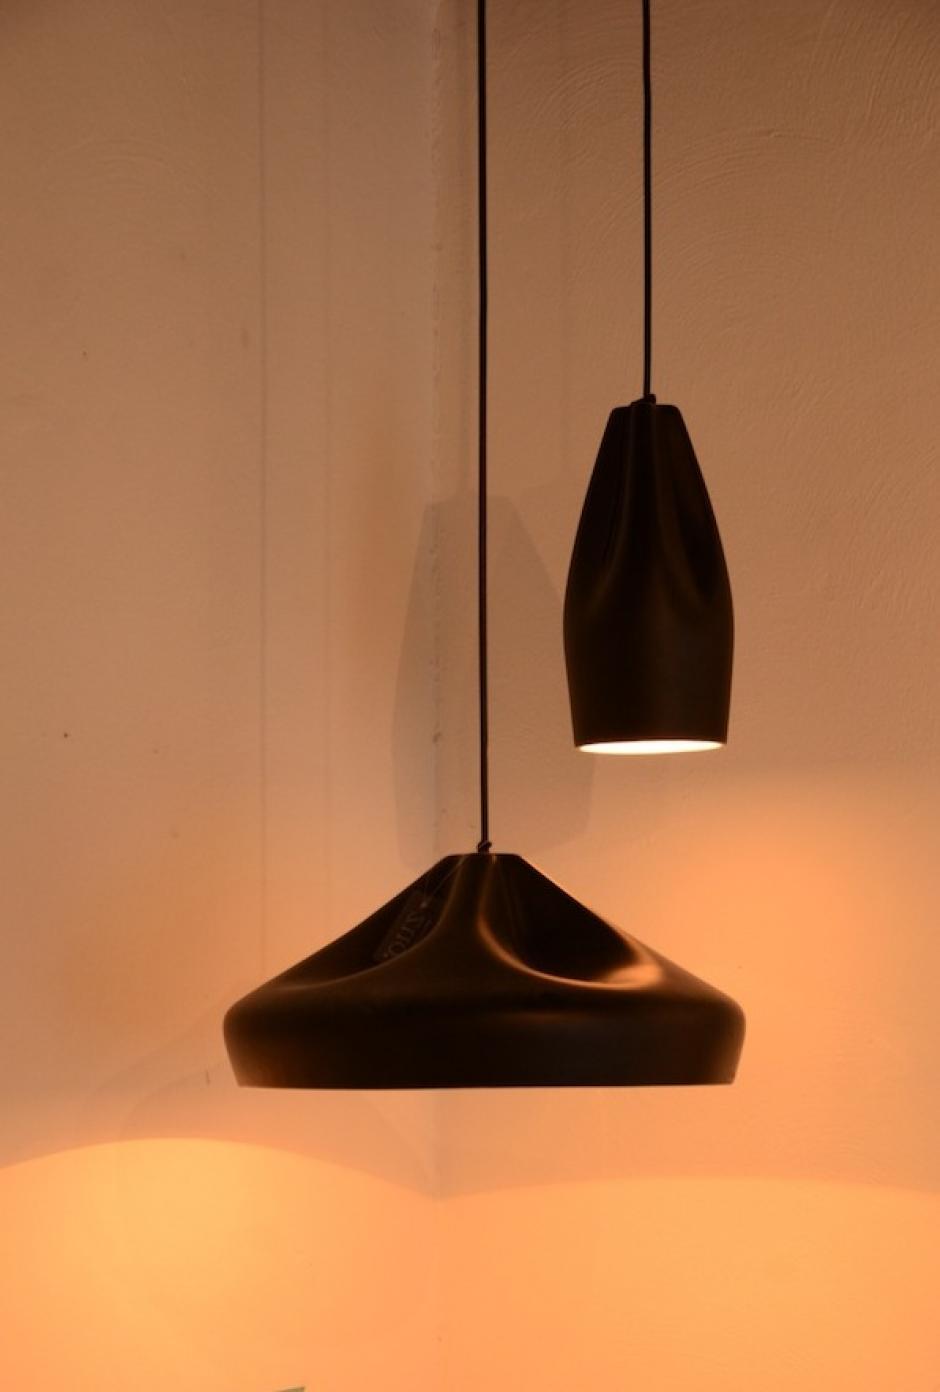 La luz crea protagonismo al espacio, las lámparas lucen hermosas en las esquinas. (Foto: Selene Mejía/Soy502)